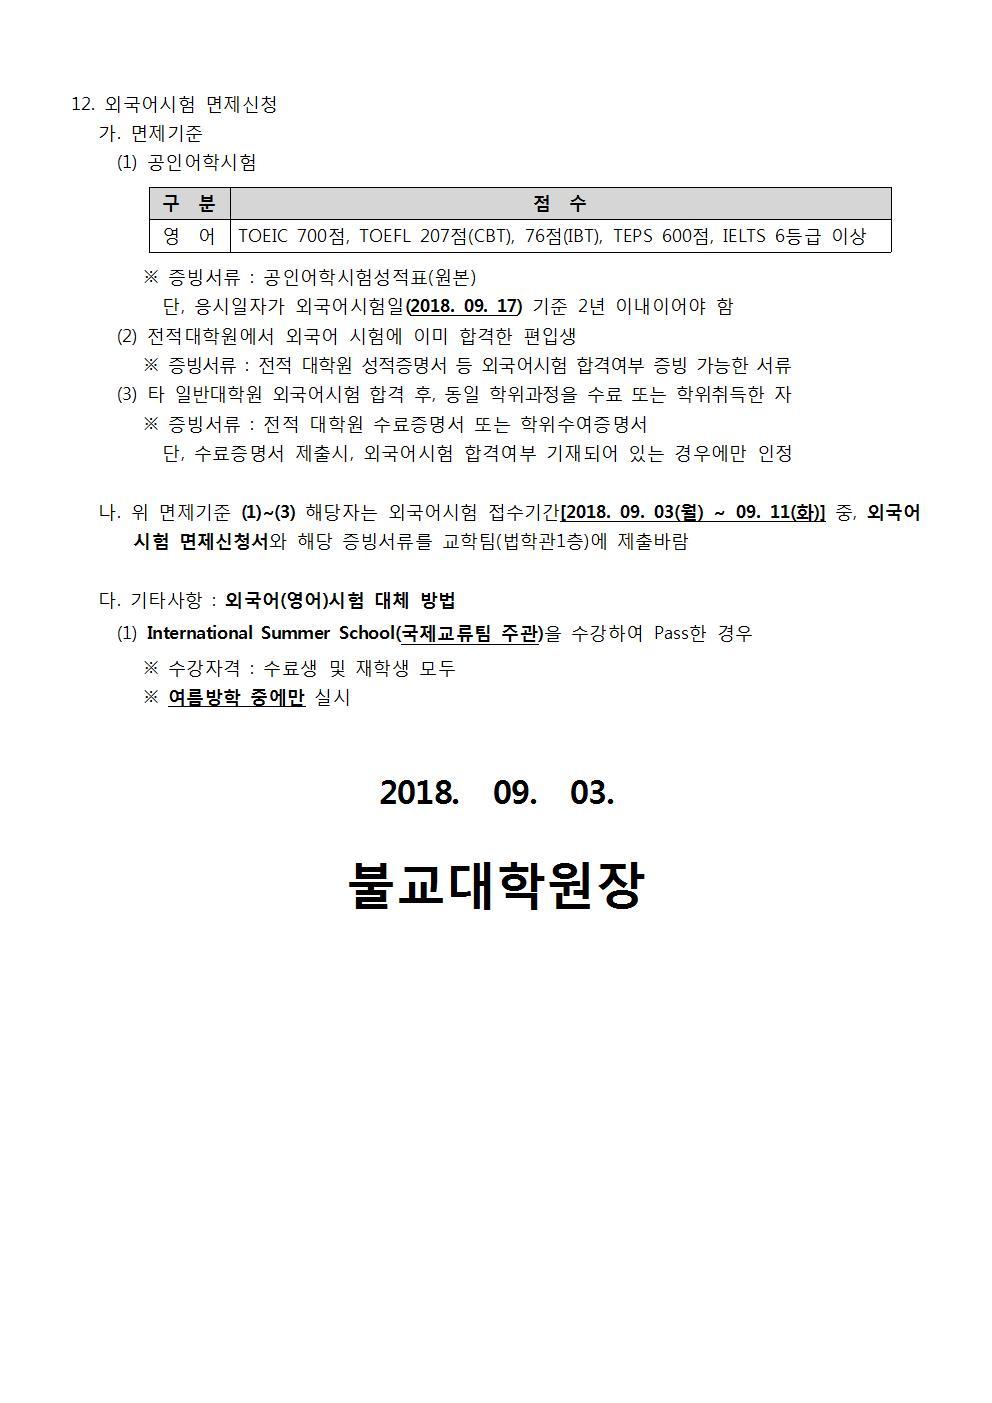 (제1안의 첨부1)외국어시험 공고문(홈페이지)002